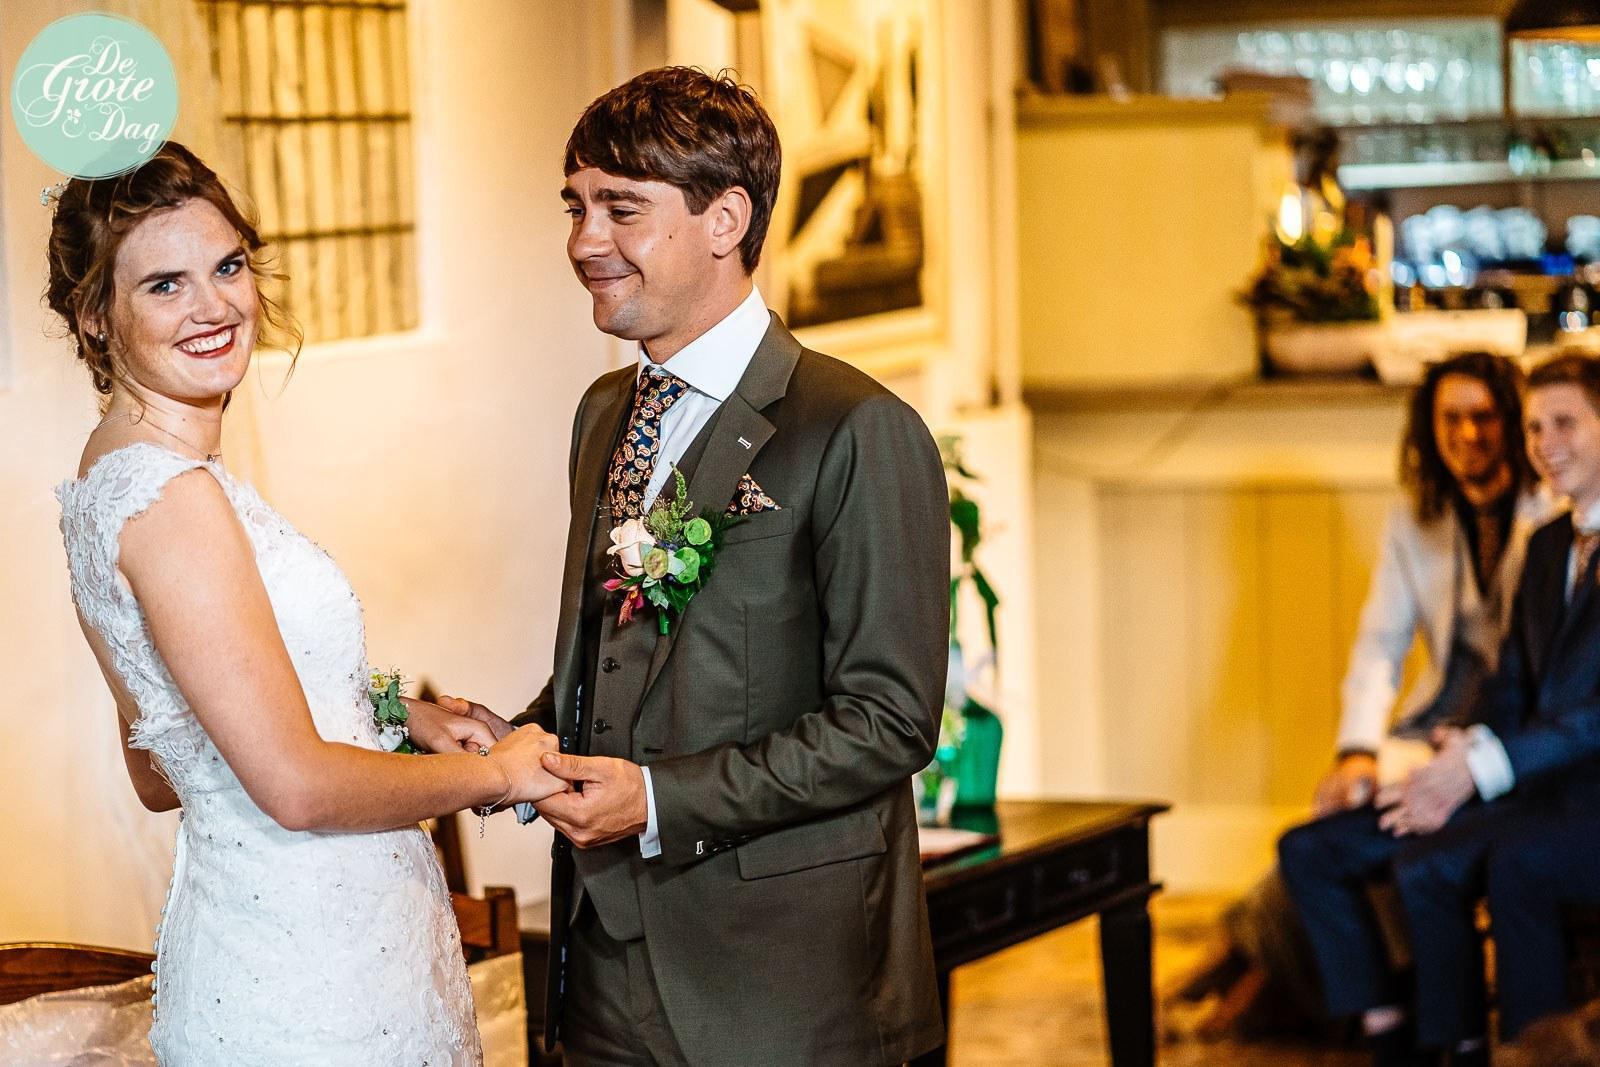 Groen trouwpak met klassieke das en trendy schoenen